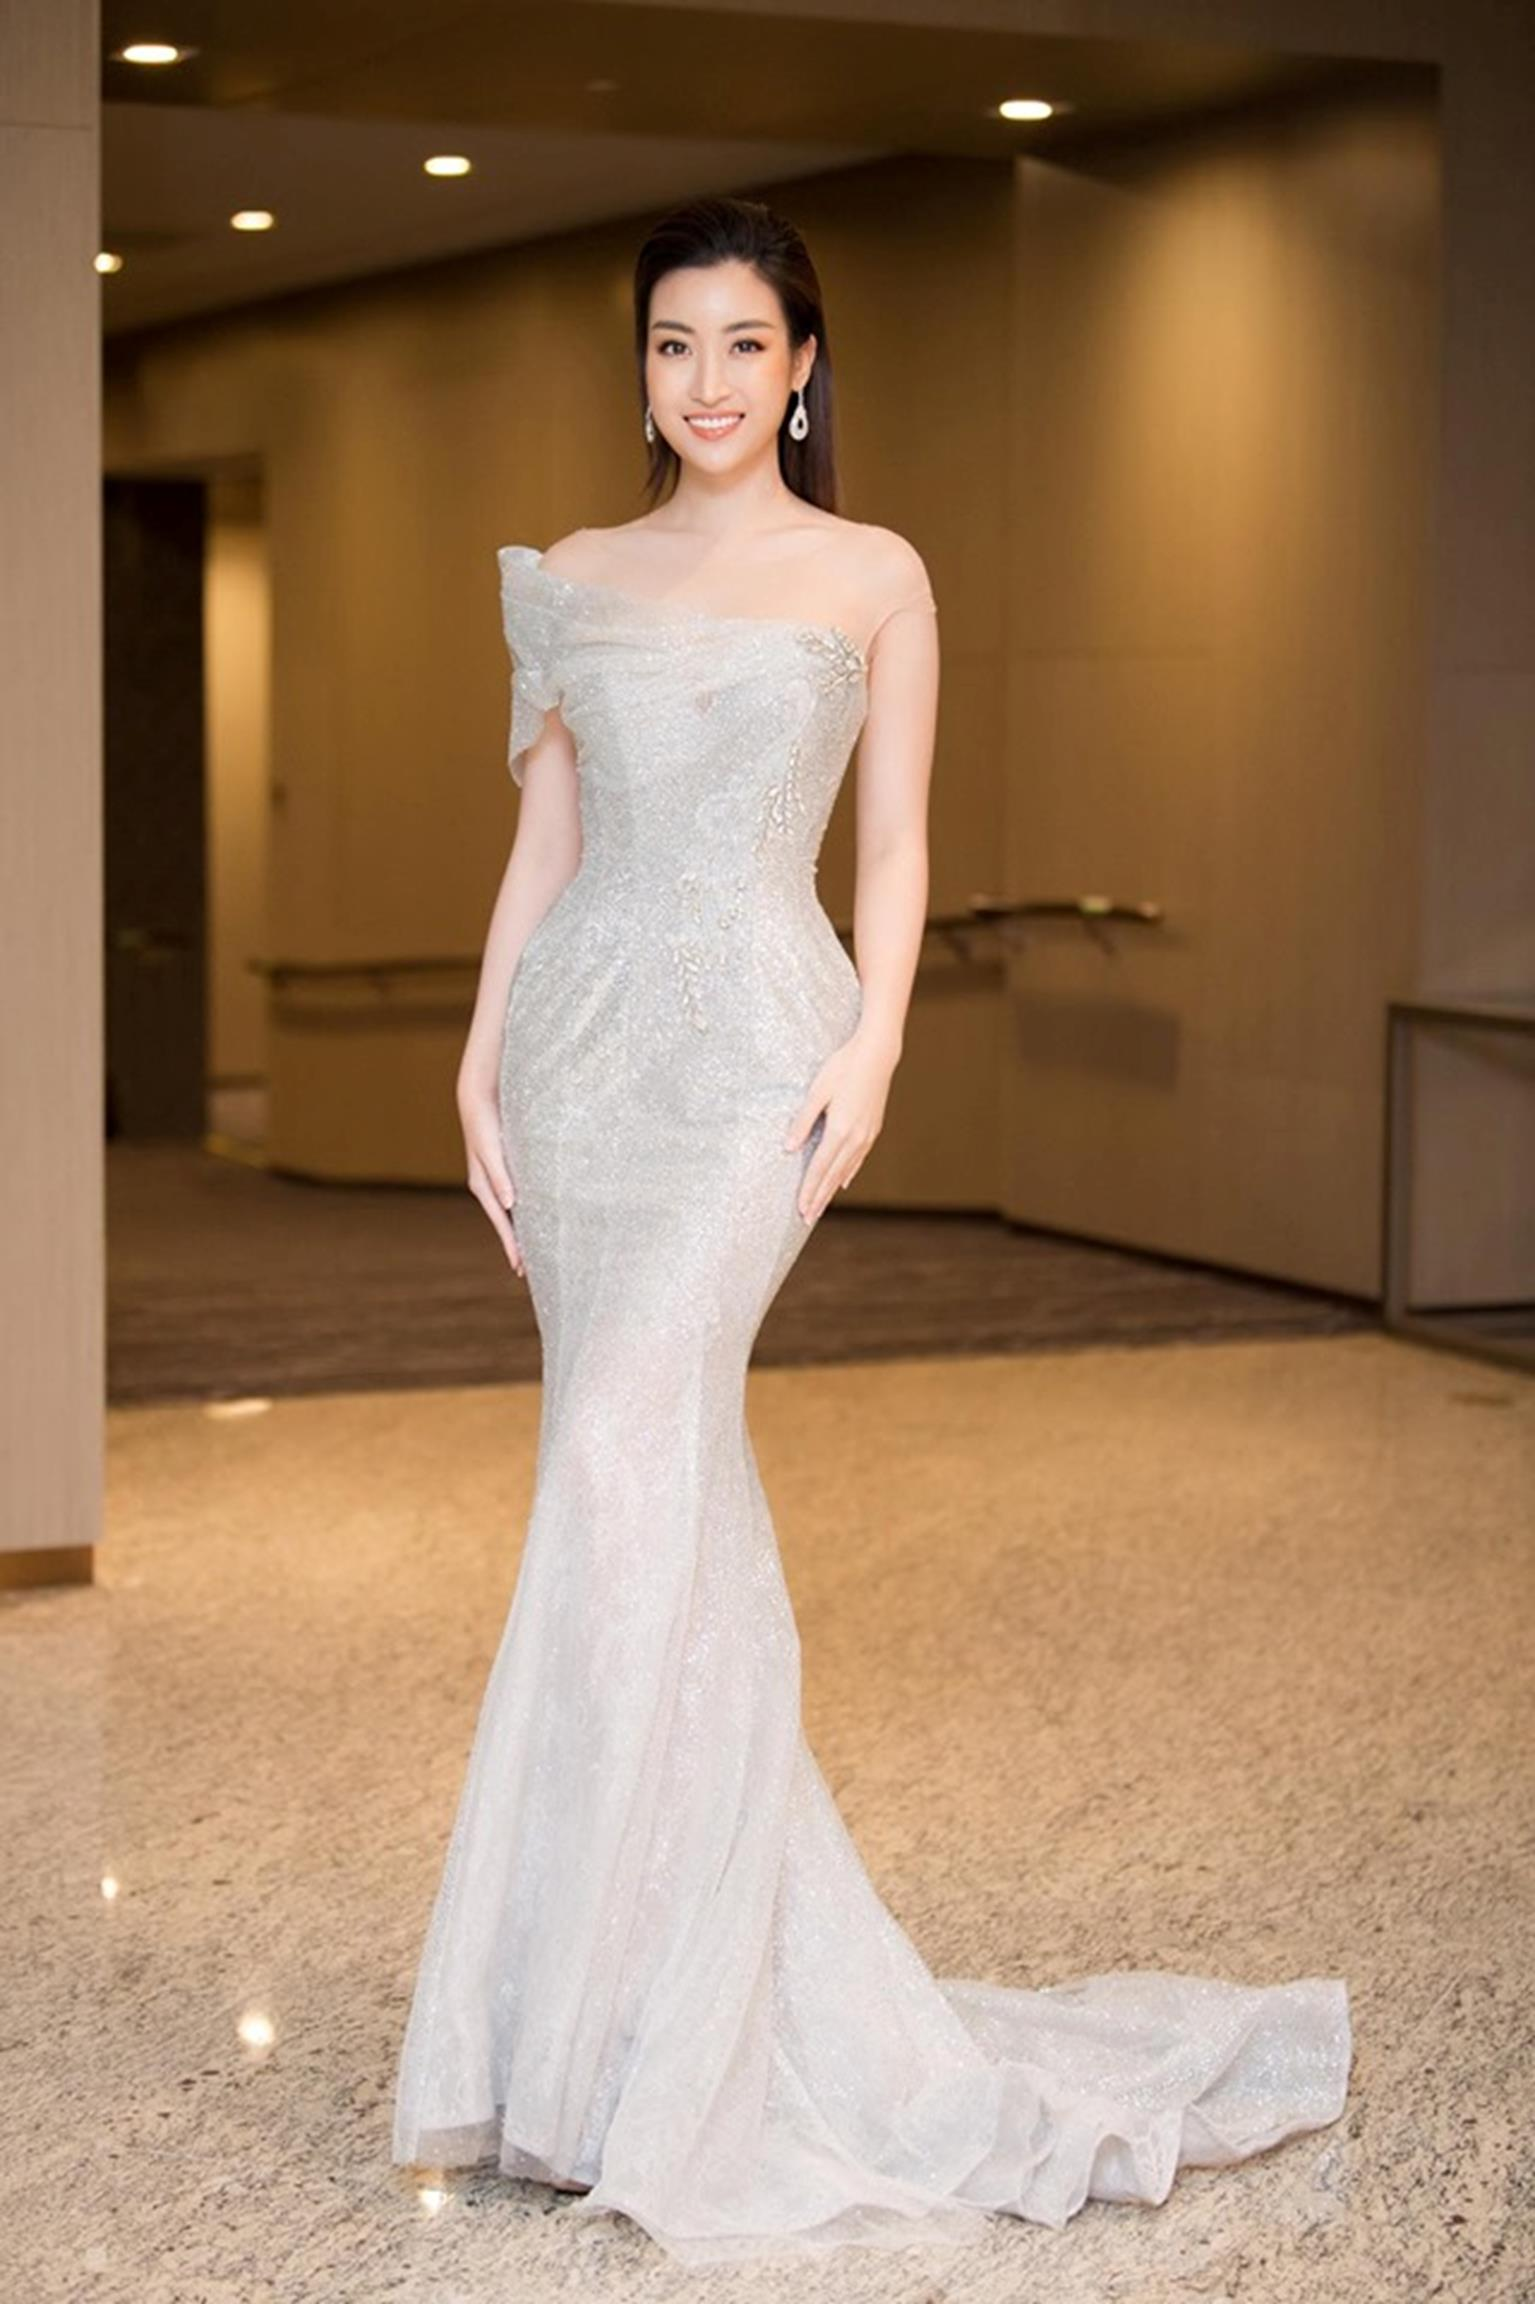 Hoa hậu Đỗ Mỹ Linh mặc đẹp tựa nữ thần, phớt lờ ồn ào bủa vây?-4